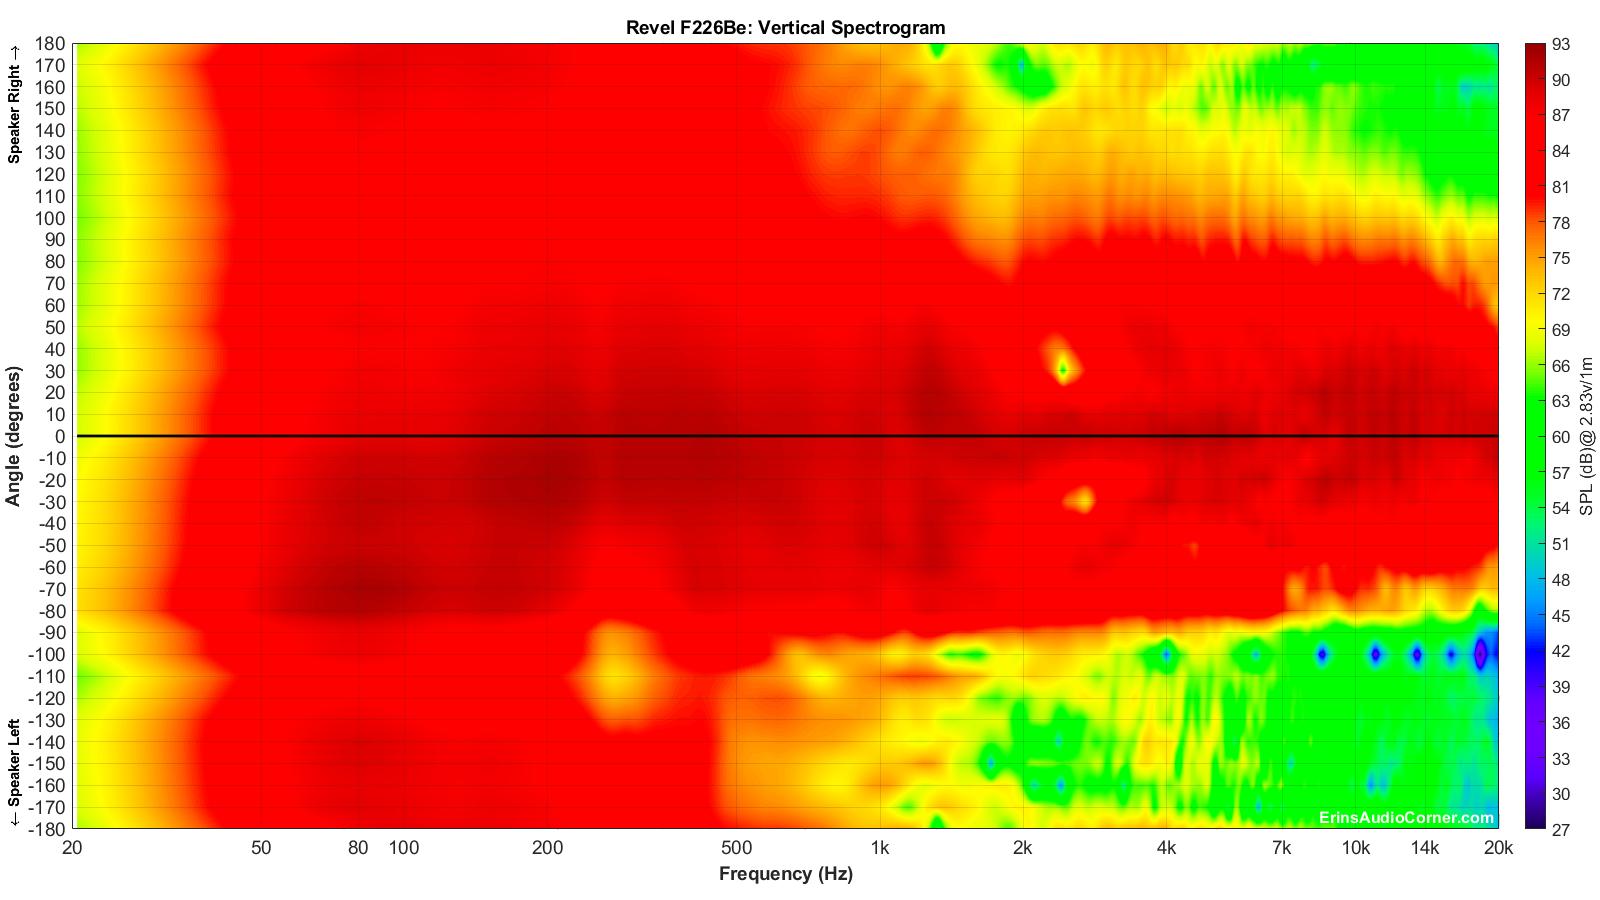 Revel%20F226Be_Vertical_Spectrogram_Full.png